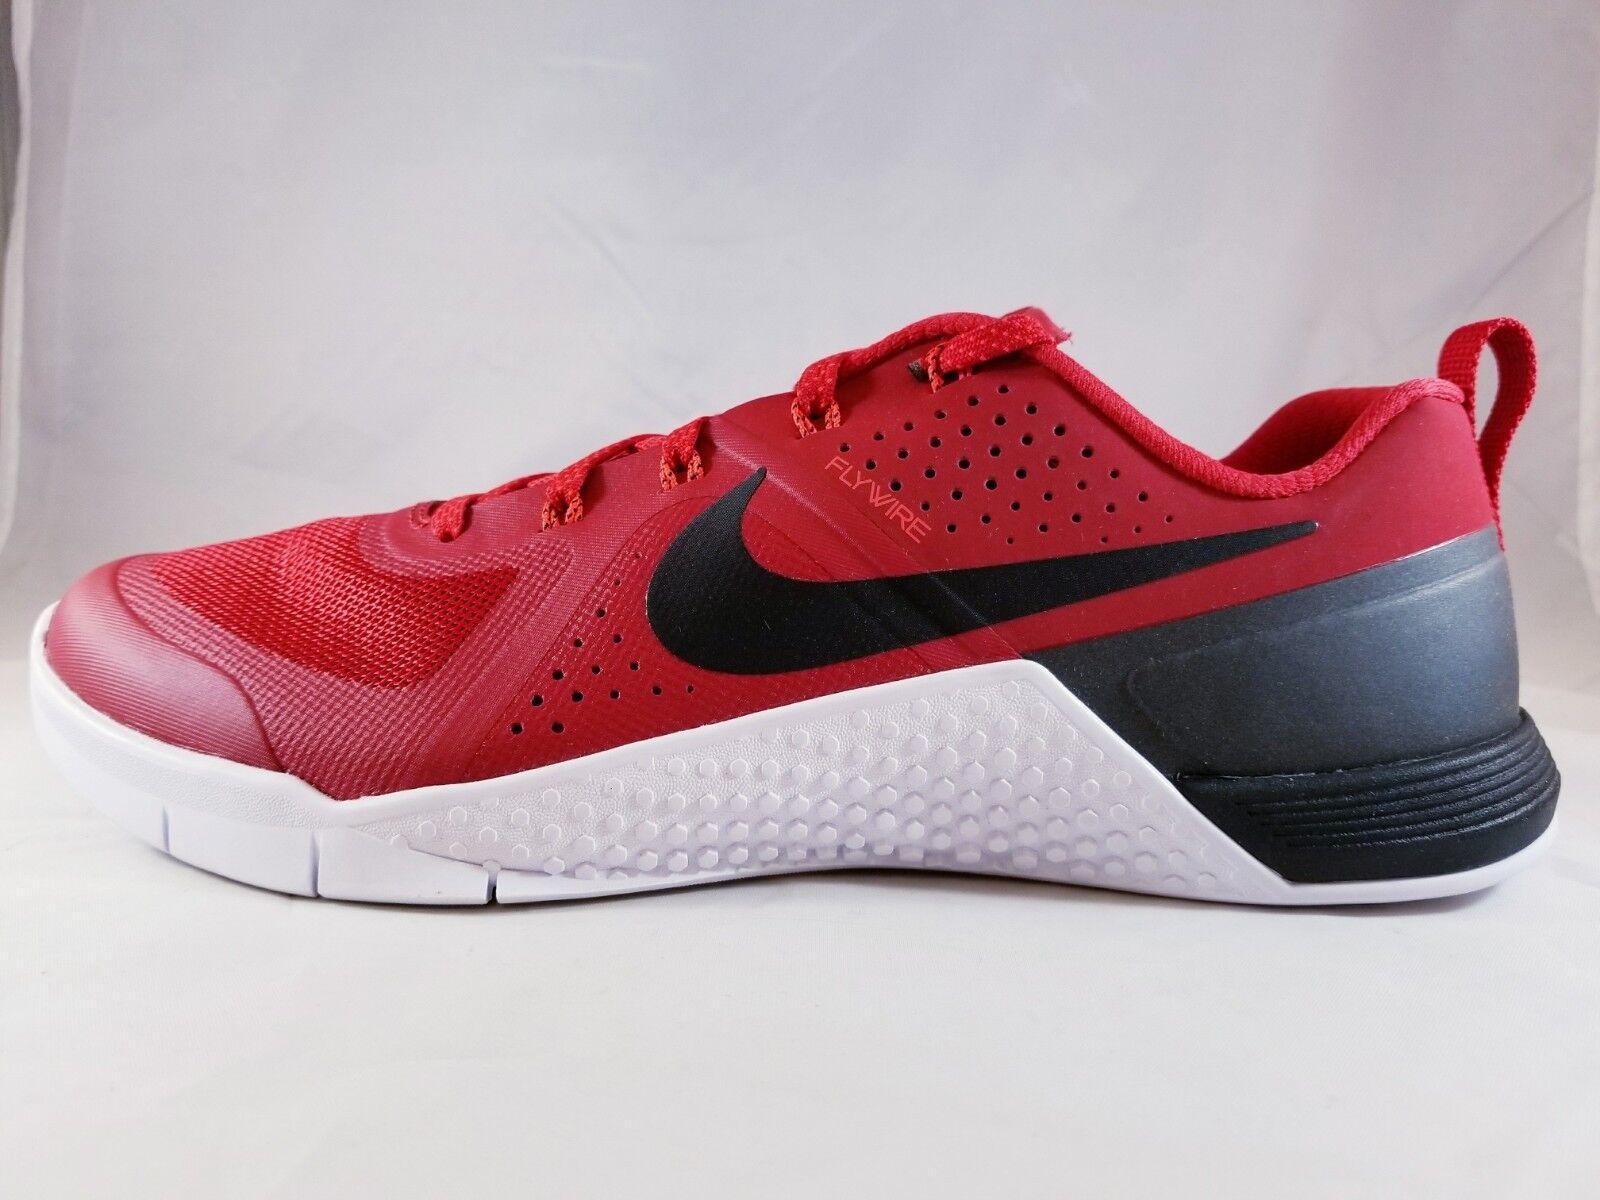 Nike metcon 1 uomini cross, scarpa 704688 616 46